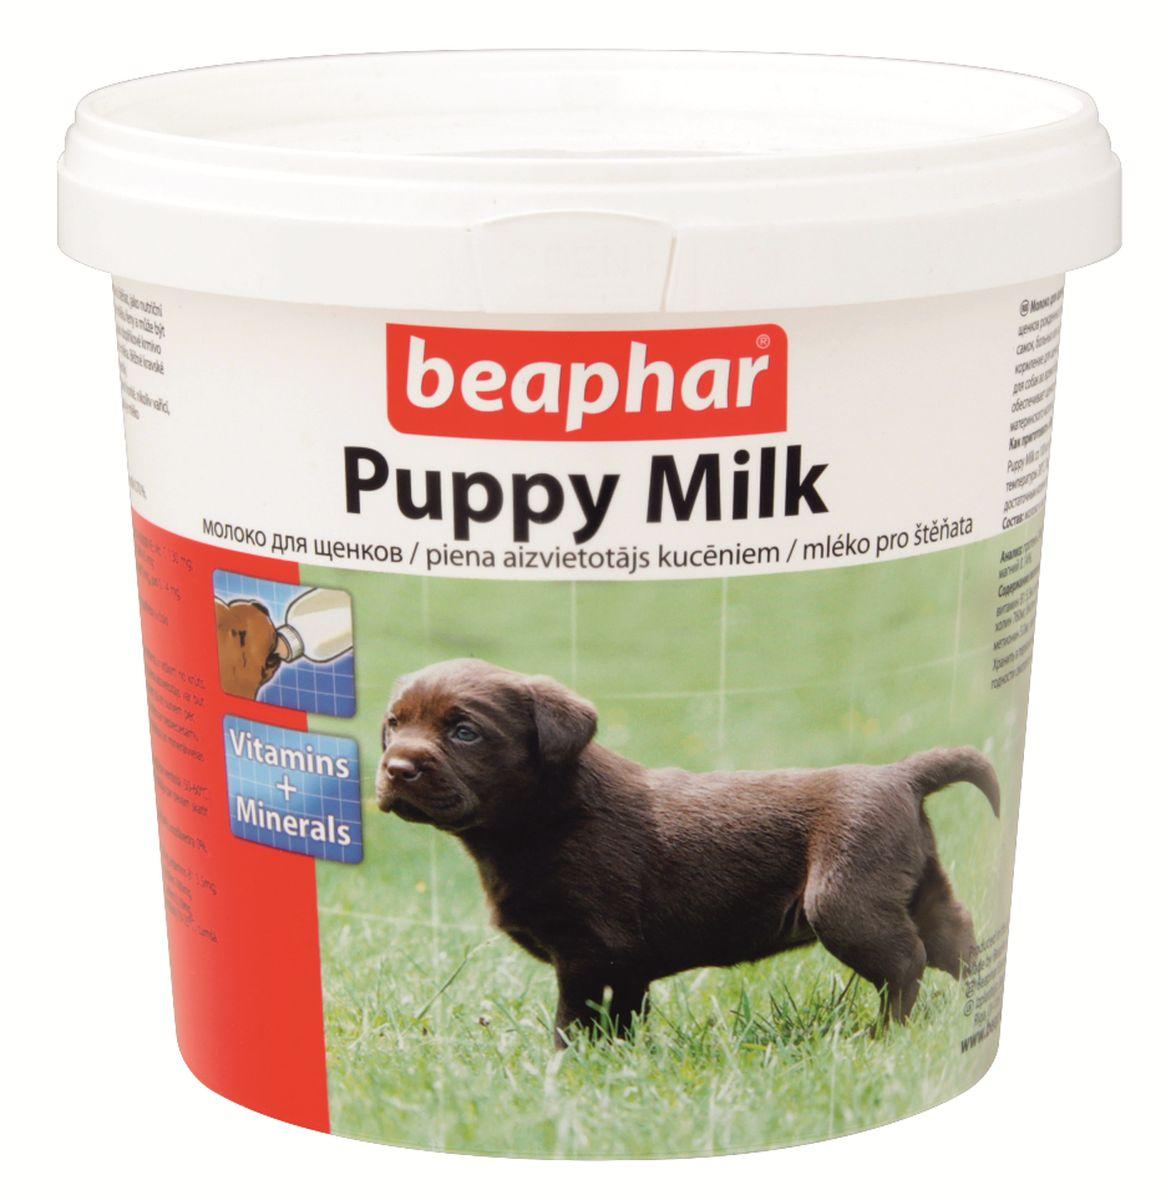 Молочная смесь Beaphar Puppy Milk, для щенков, 500 г19000Молоко для щенков Beaphar Puppy Milk сделано из легко усваиваемой сыворотки и очень близко по составу и вкусу к натуральному молоку самки. Молочная смесь Beaphar Puppy Milk - это полноценная замена материнского молока для осиротевших, брошенных или потерявшихся щенков, щенков рожденных в многочисленном помете, при отъеме от груди и как дополнительное кормлении для беременных и кормящих самок, больных или выздоравливающих взрослых животных. Смесь может быть использована как основное кормление для щенков с рождения до 35 дней. Увеличивает выработку натурального молока. Содержит все необходимые белки, жиры, витамины и минералы в оптимальном соотношении. Состав: молоко и молочные продукты, масла и жиры, минеральные вещества. Анализ: протеин 24%; клетчатка 0%; жиры 24%, зола 7%; влага 3,5 %; кальций 0,90%, фосфор 0,60%, натрий 0,70%, магний 0,14%, калий 1,30%. Содержание витаминов и минеральных веществ в 1 кг: витамин A 50000 МЕ, витамин D3 2000 МЕ,...